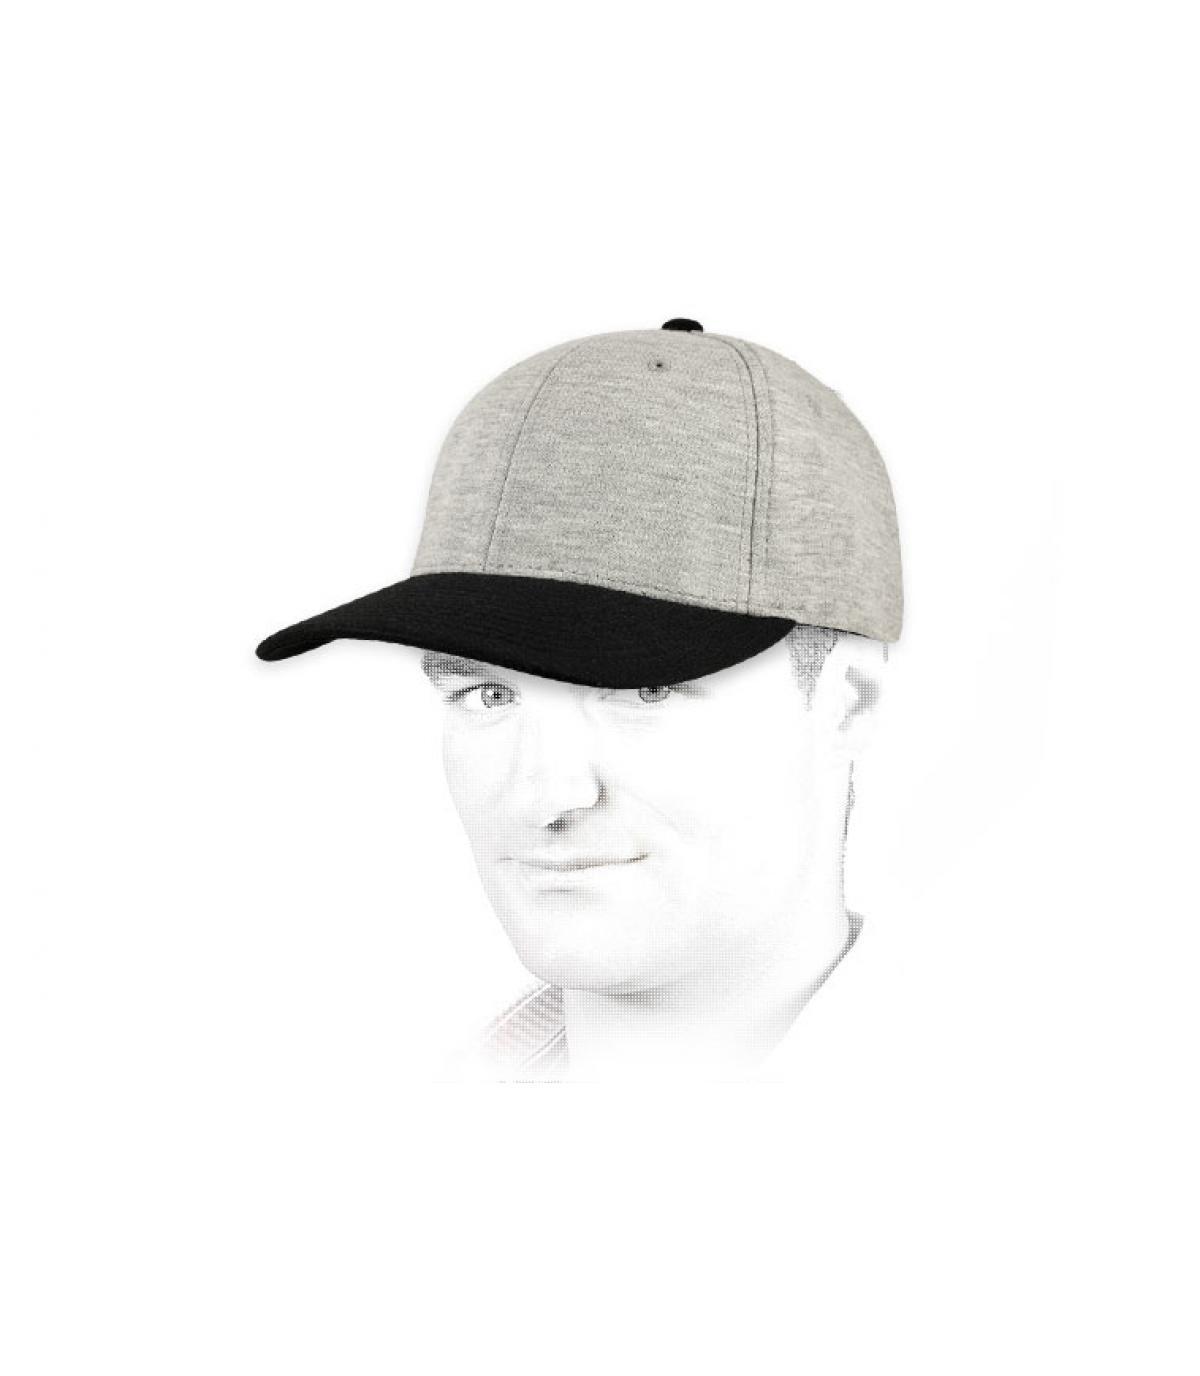 Cappellino jersey grigio nero